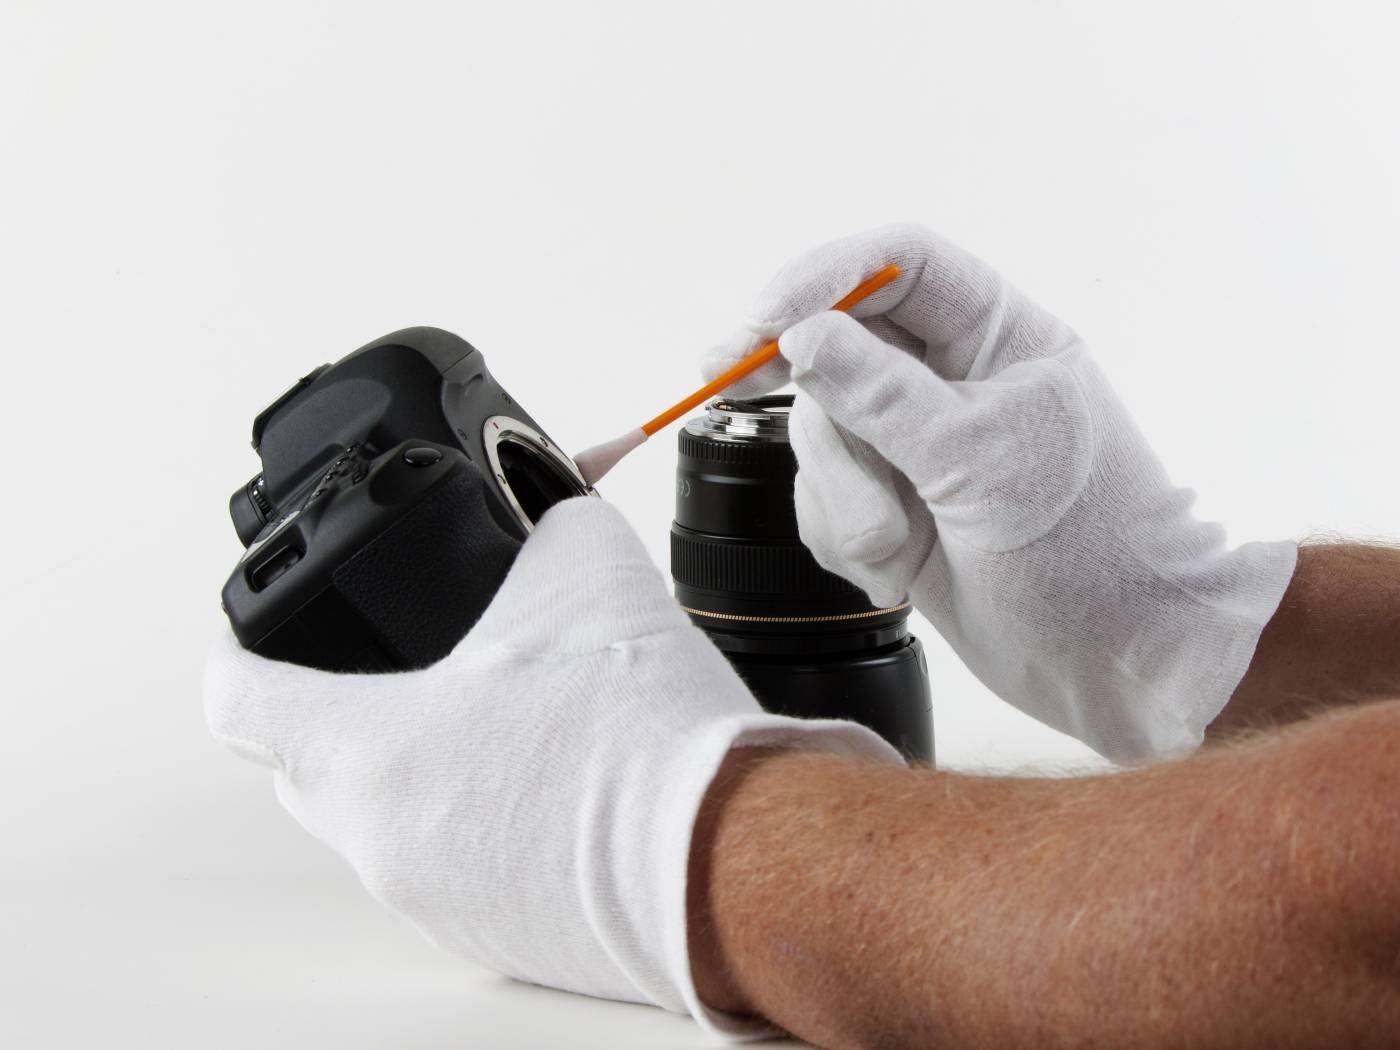 Kamerapflege – Reinigung einer Kamera mit einem Wattestäbchen. Um allzeit schöne Fotos machen zu können, ist eine funktionierende Kamera die Grundvoraussetzung! Dazu muss der Fotoapparat gepflegt und angemessen aufbewahrt werden. #kamerareinigung #fototasche Hier zeigen wir euch, wie ihr euere Kamera am besten pflegt und verwahrt: http://www.fotos-fuers-leben.ch/fototechnik/kameratechnik/hinweise-zur-pflege-und-aufbewahrung-ihrer-kameraausrustung/